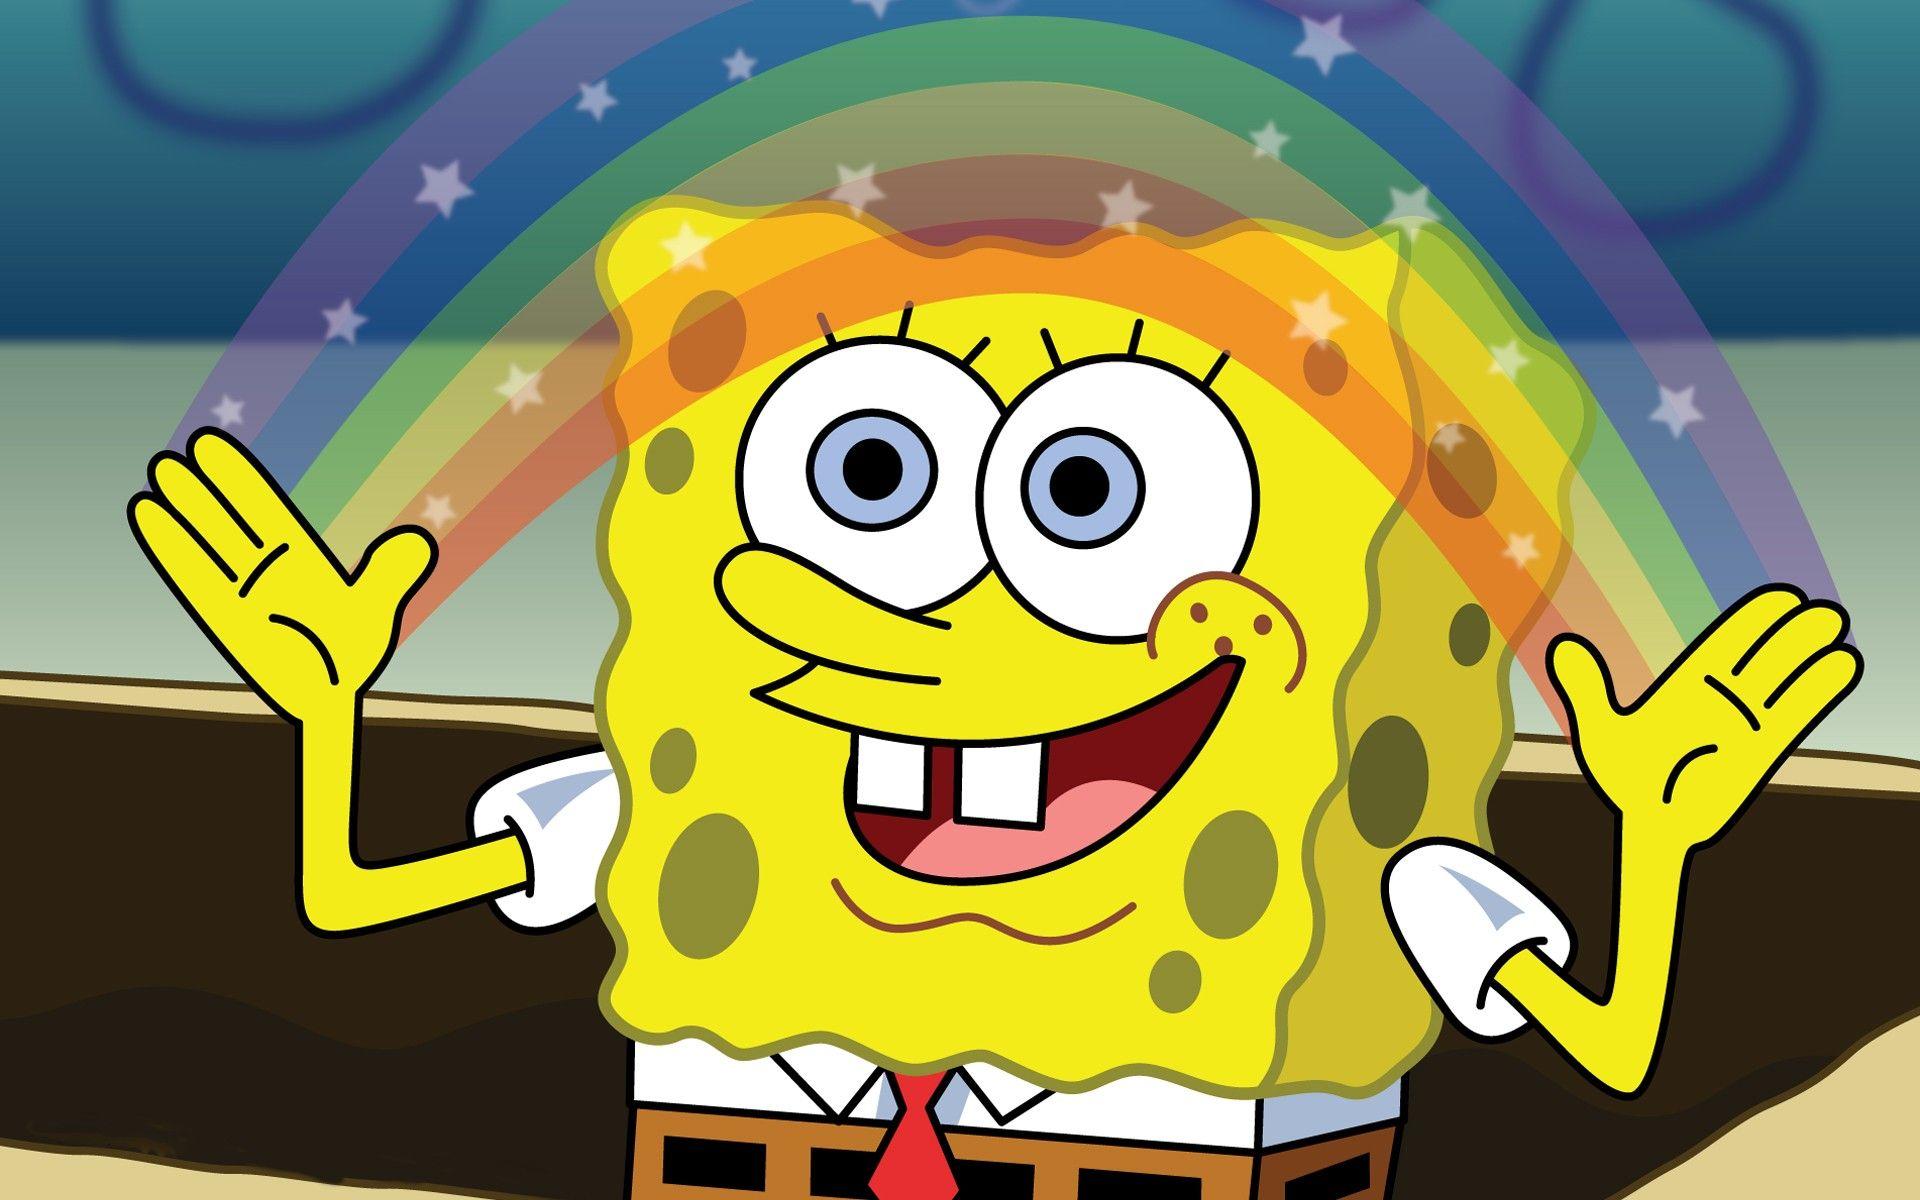 Pin von Дашенька🍩 auf a Spongebob schwammkopf, Spongebob